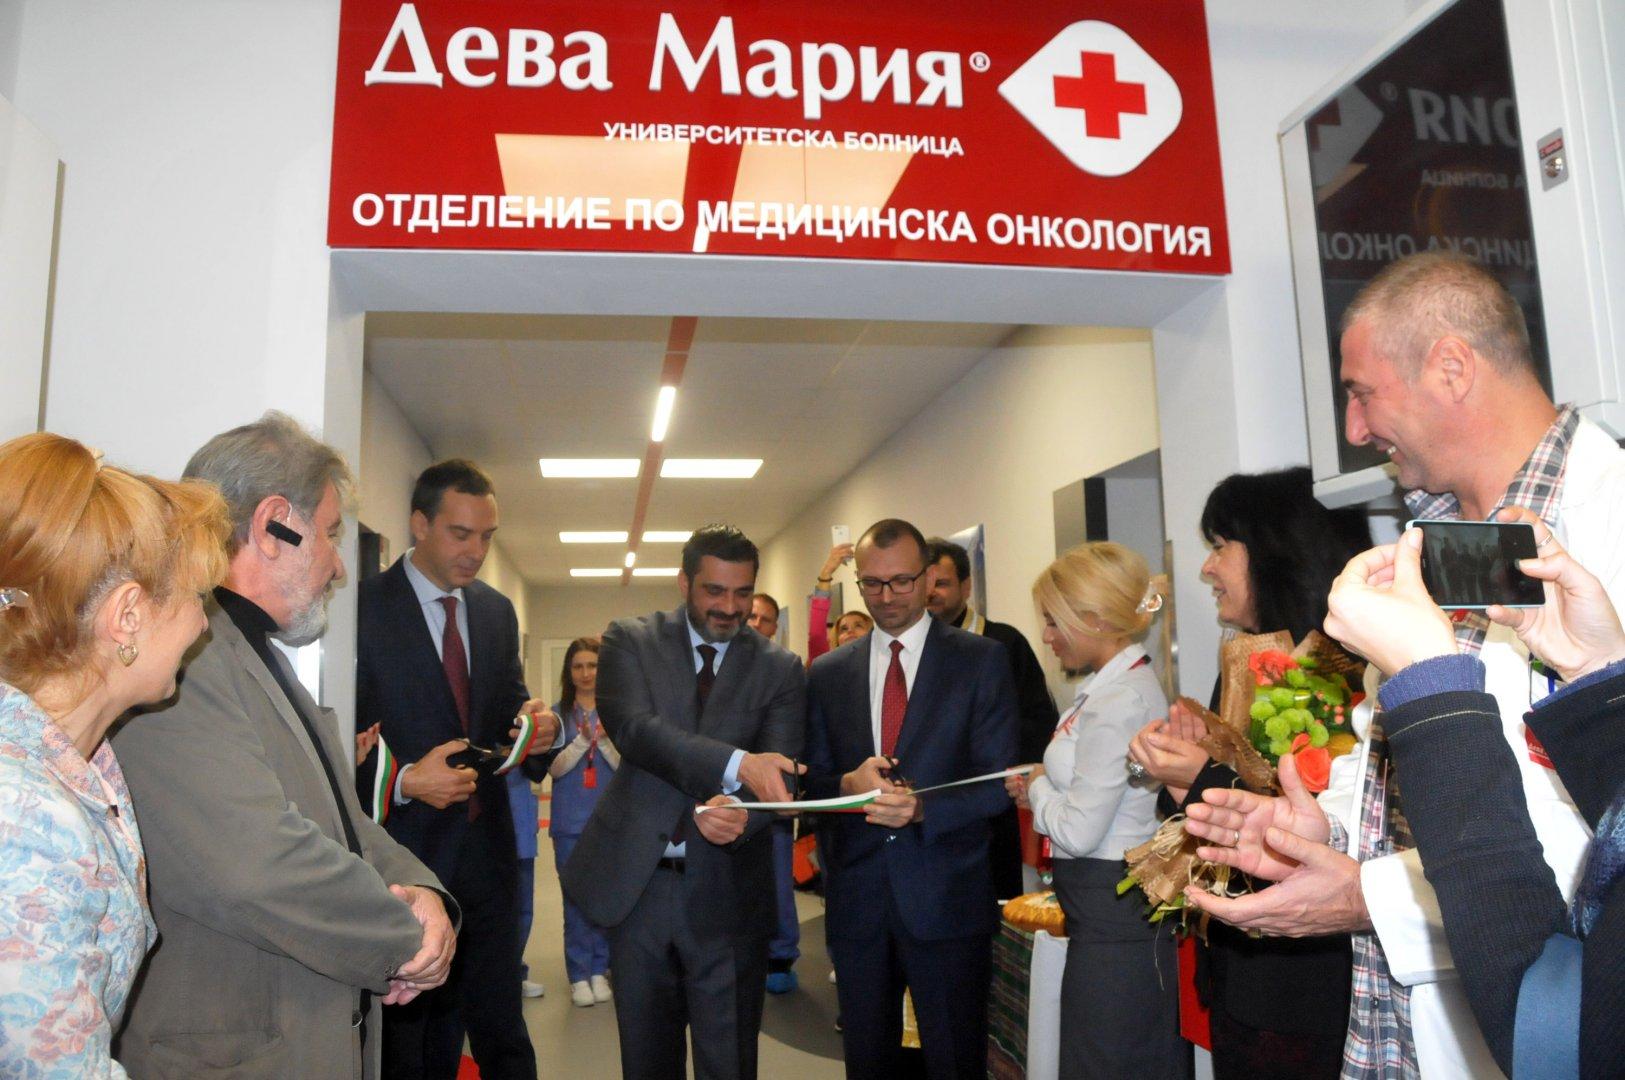 Новото отделение бе официално открито днес. Снимки Лина Главинова